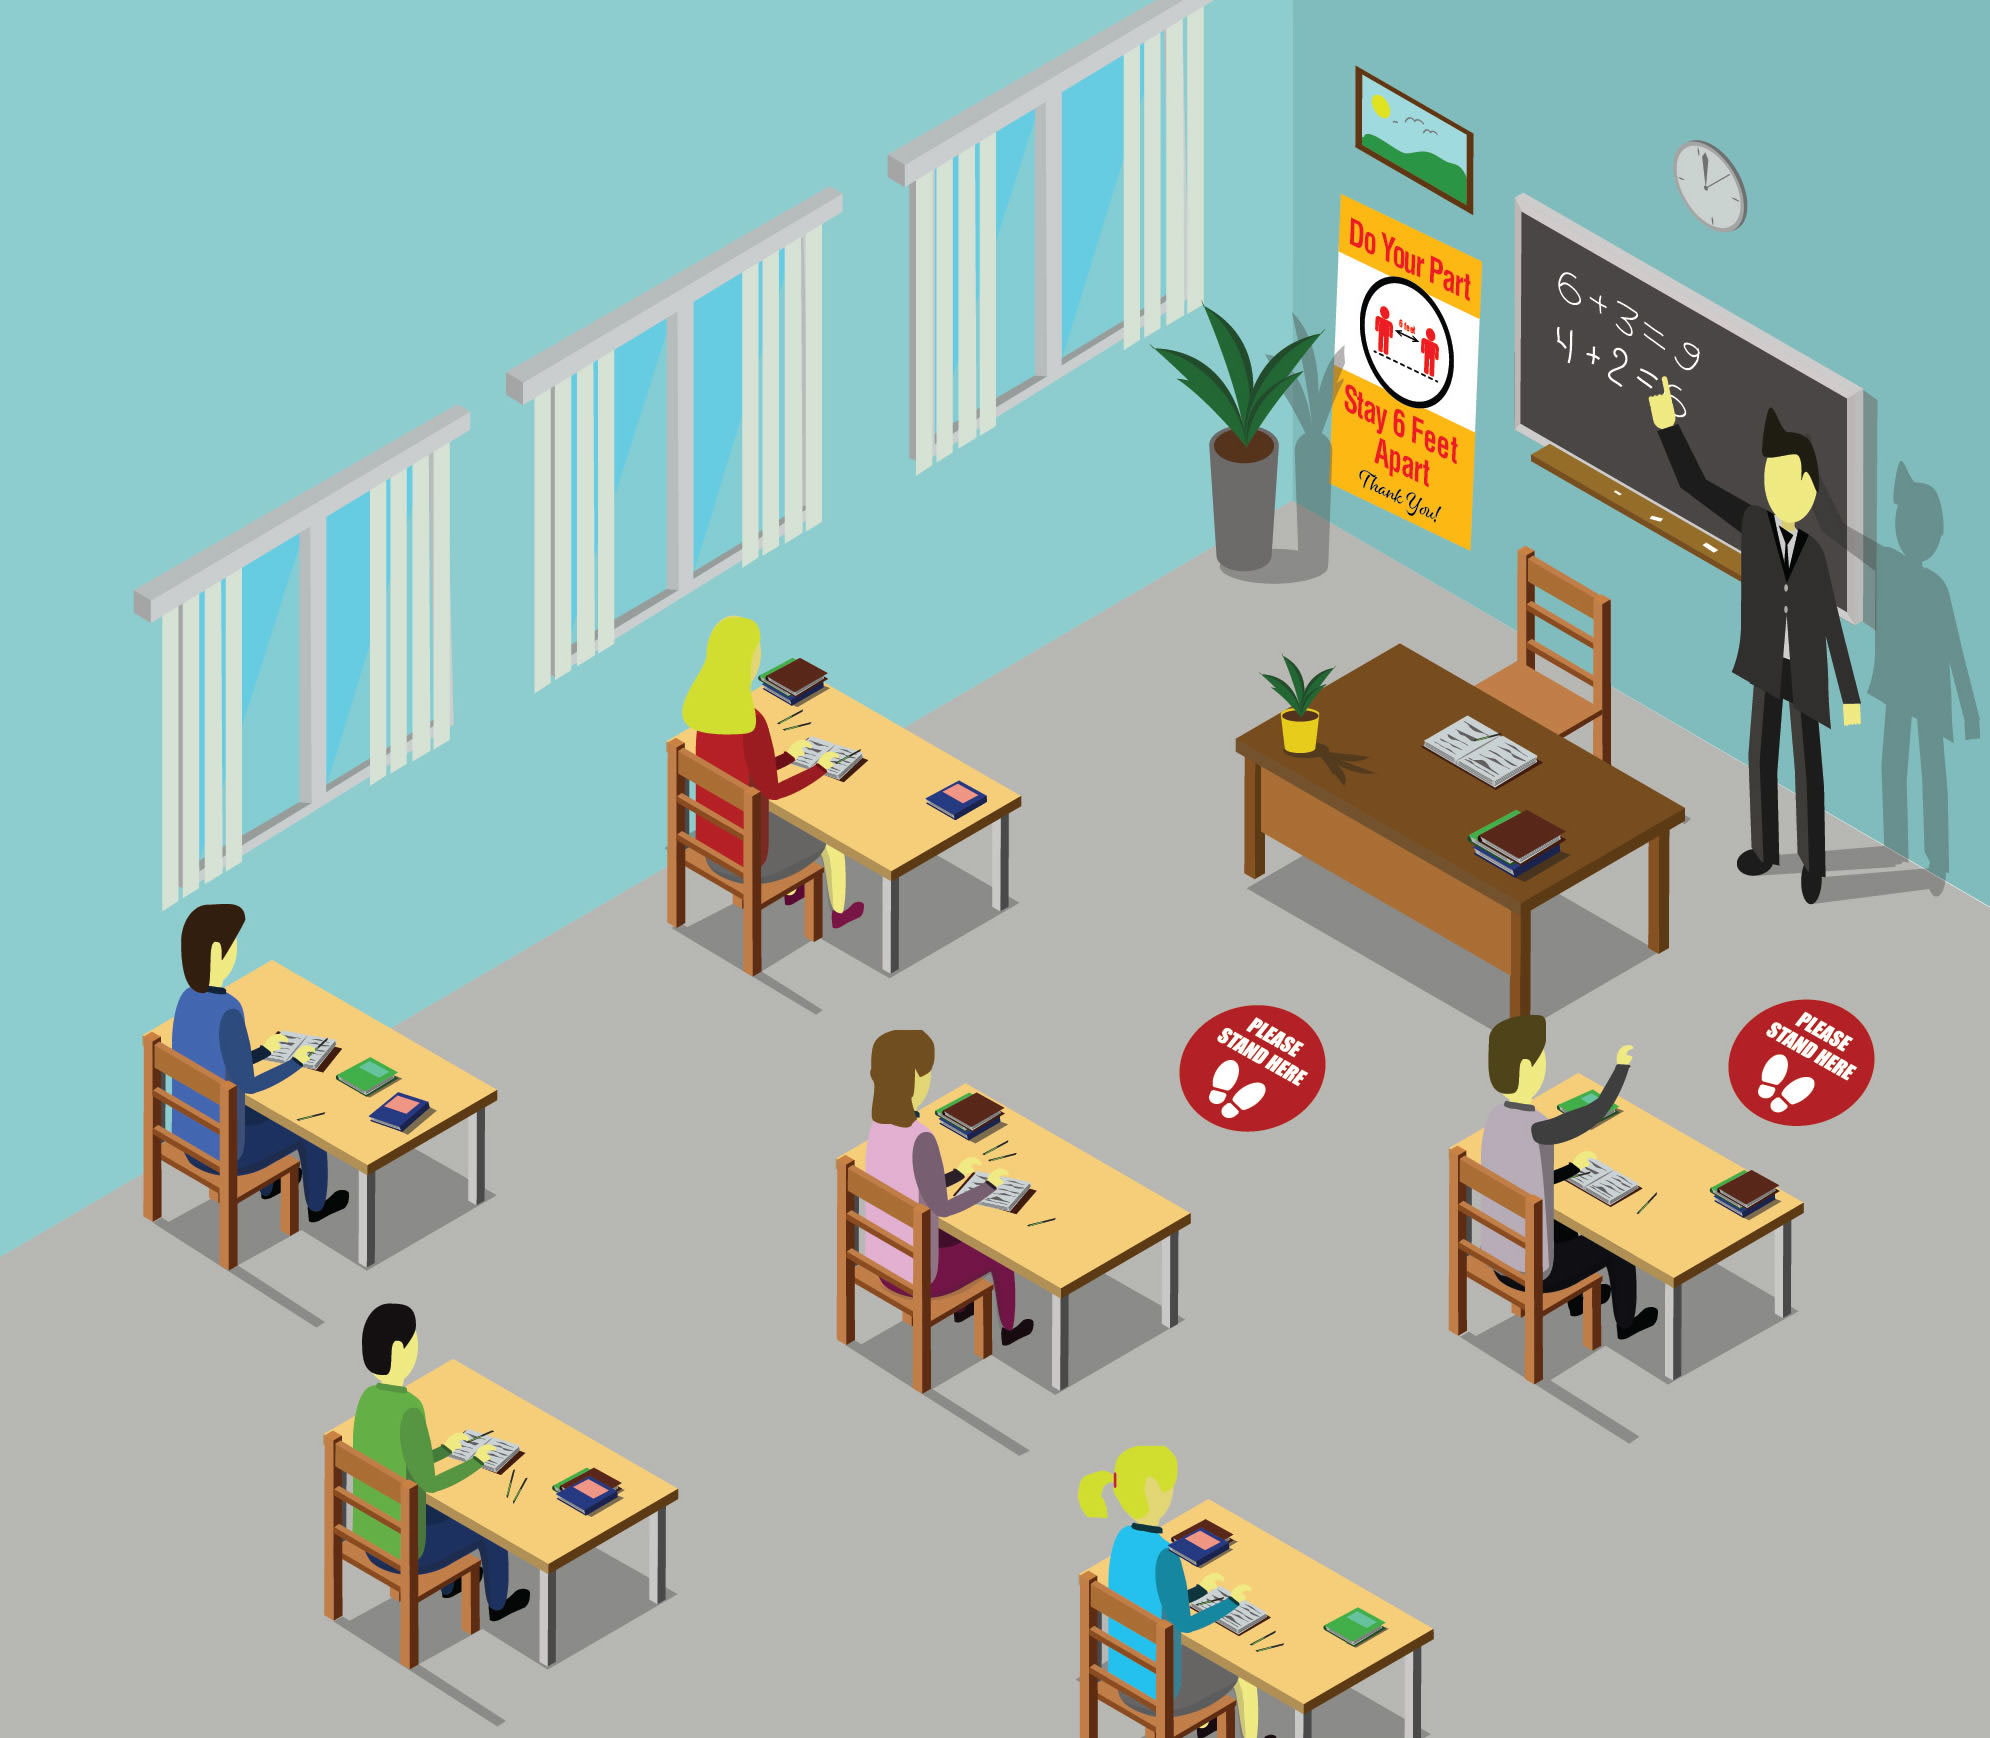 school illustration signage 1 - MacTac Digital Films